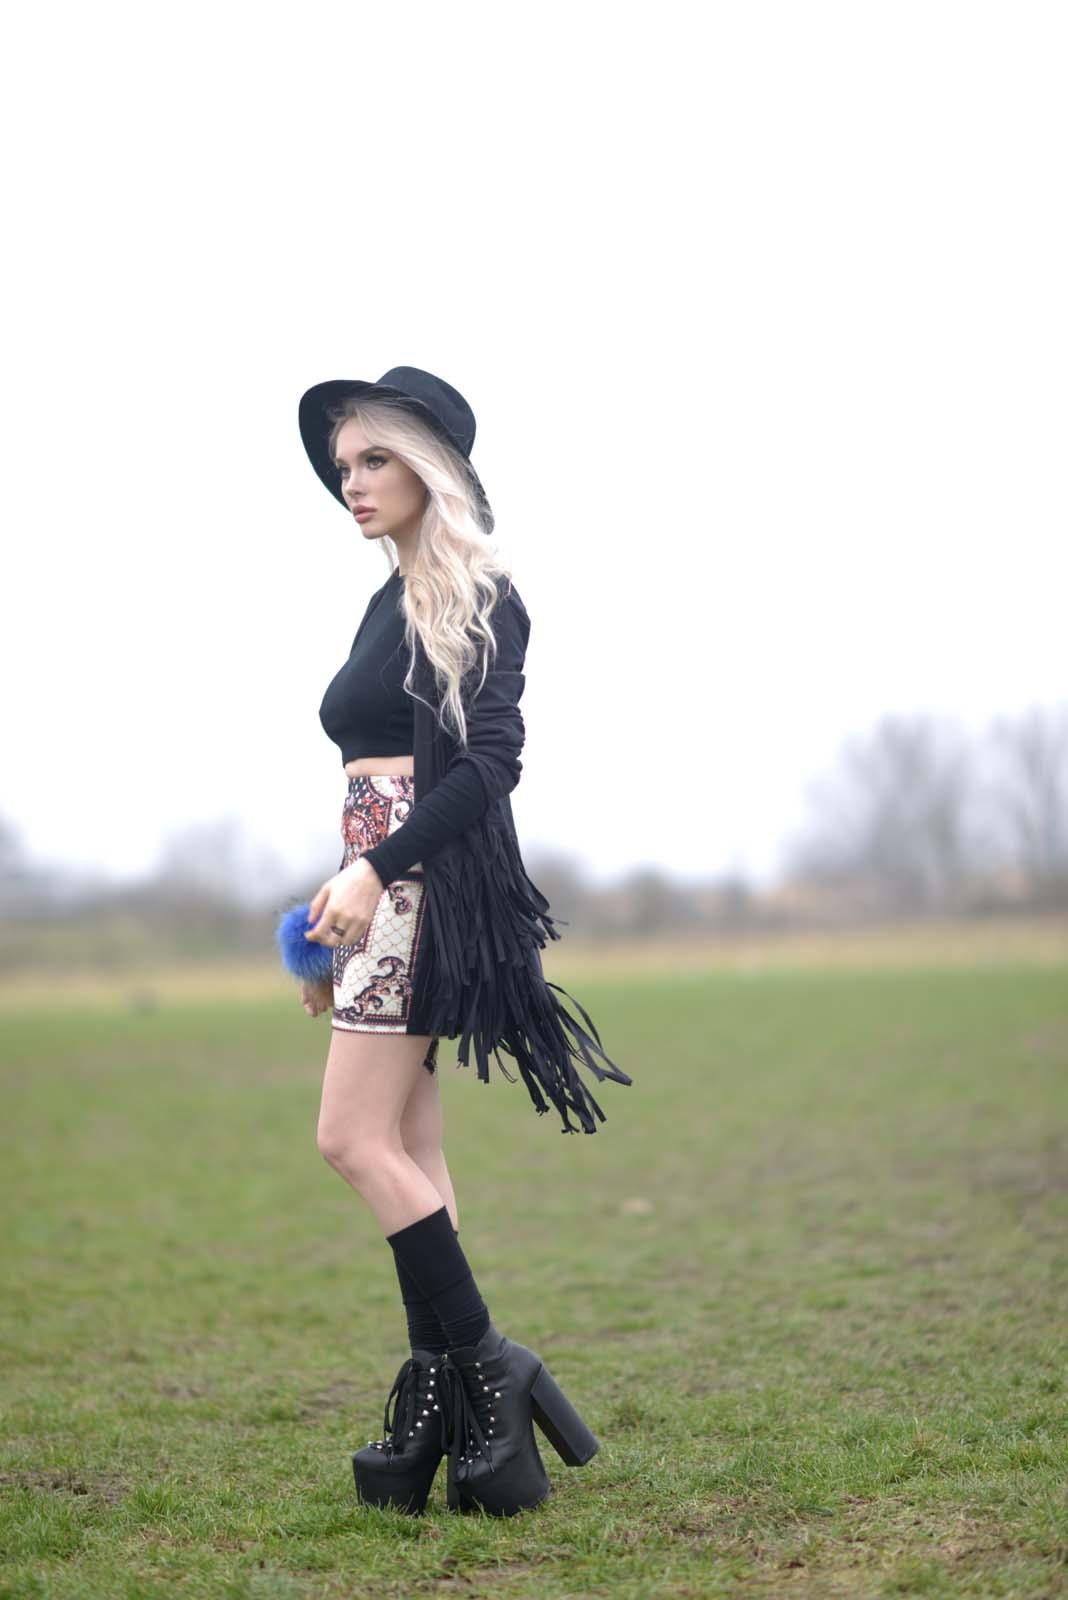 06_vintage_pattern_skirt_black_hat_pompon